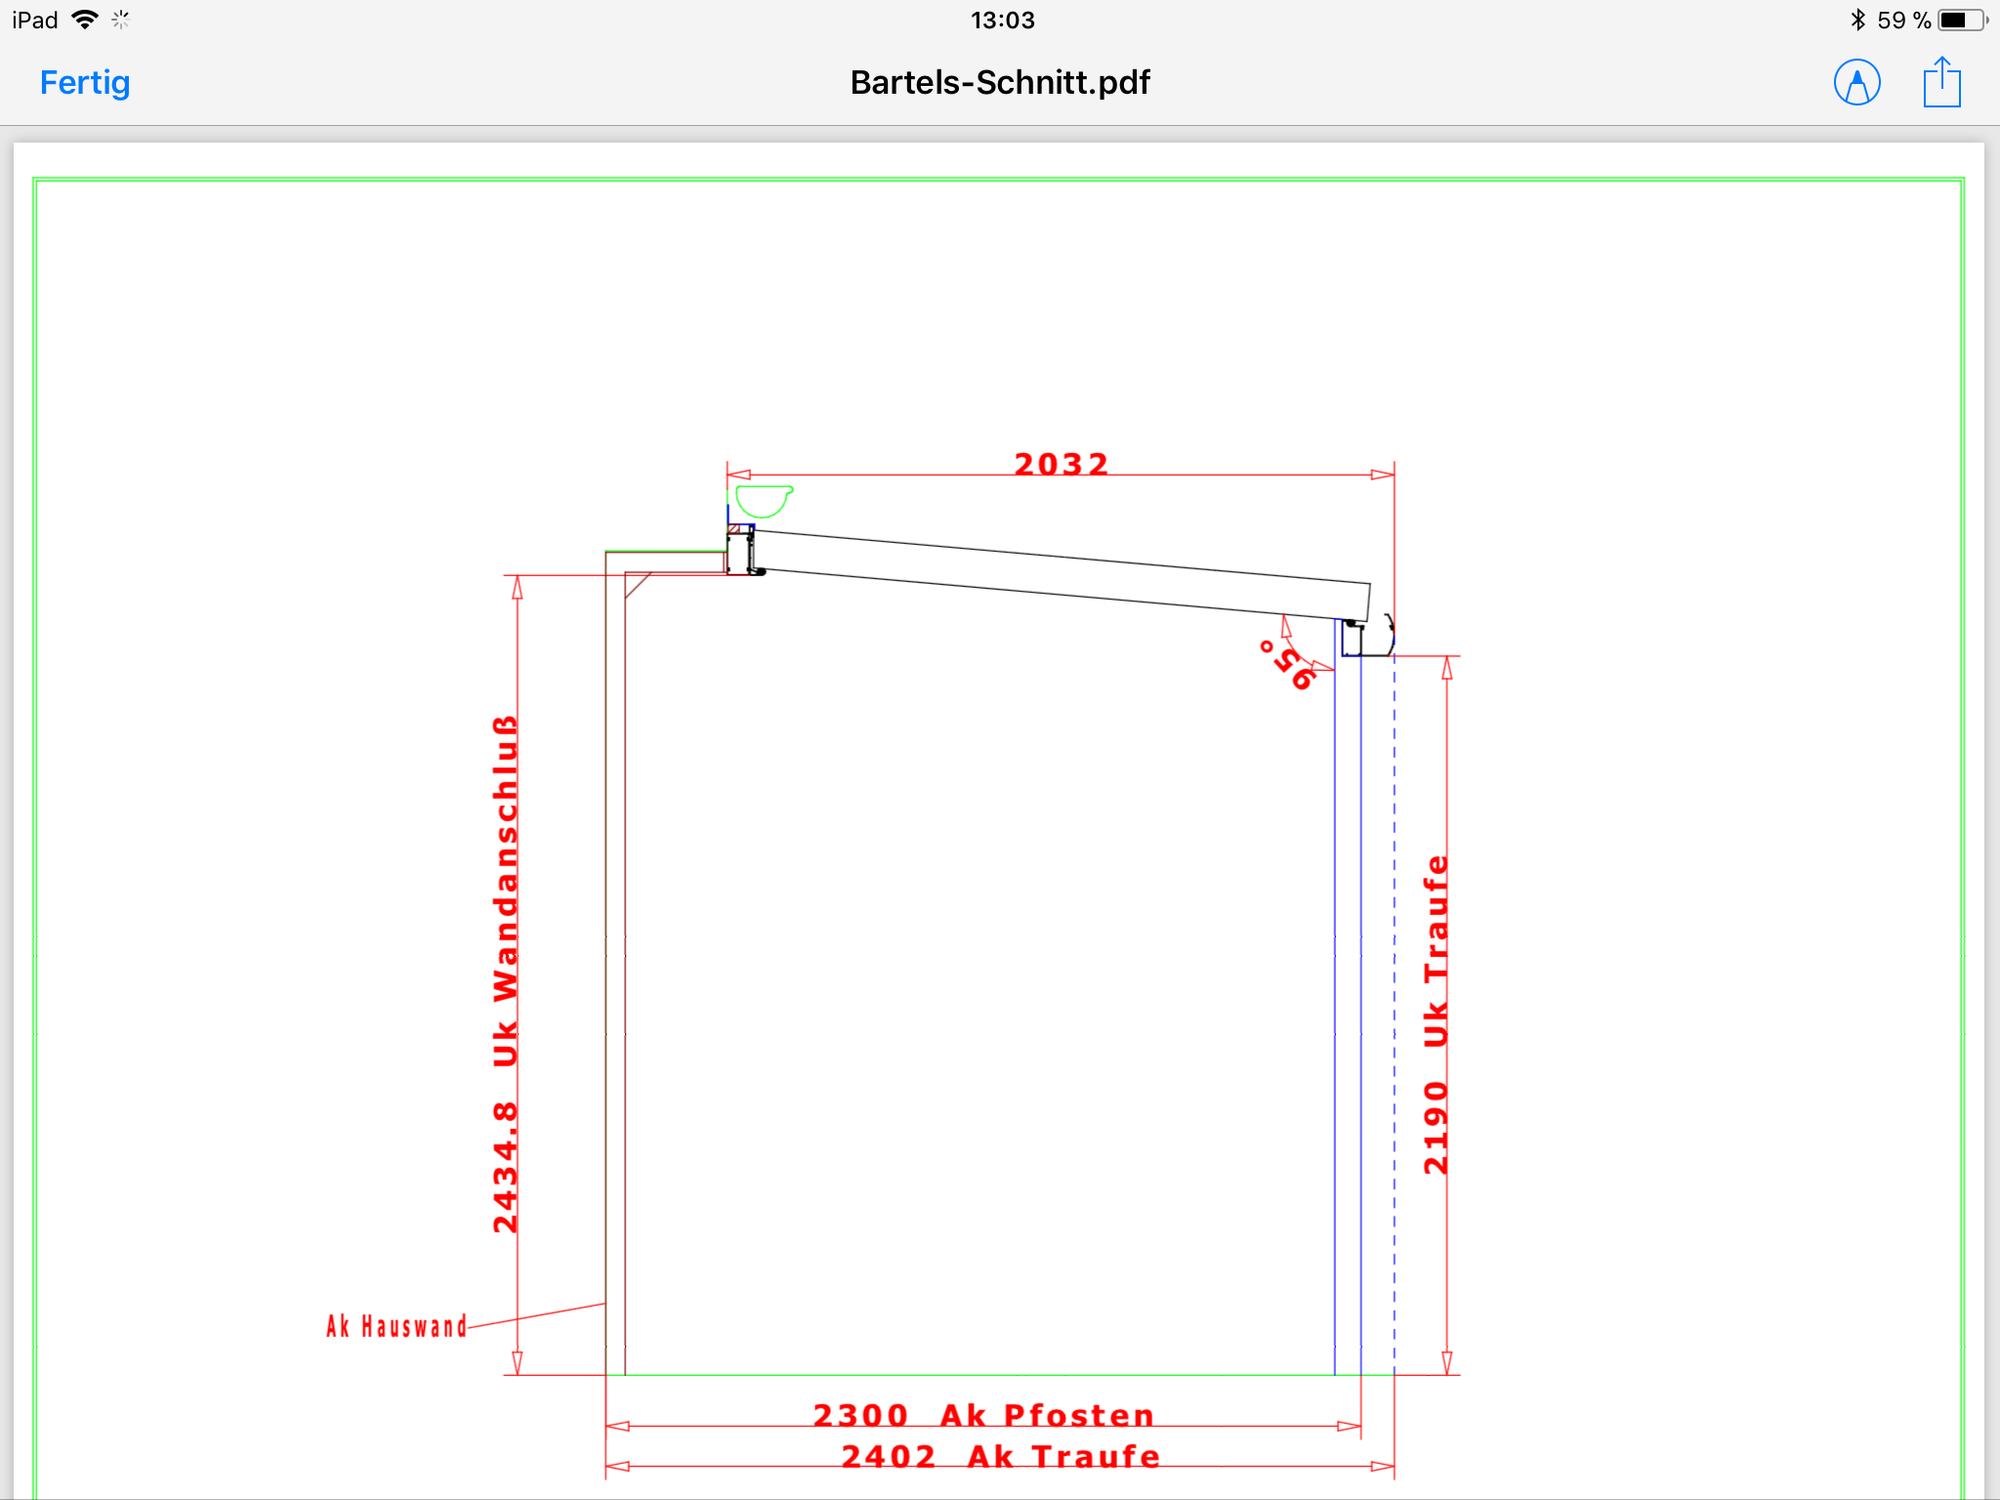 E12D6957-EFF4-41FC-AFBD-6CB3D261CF39.png